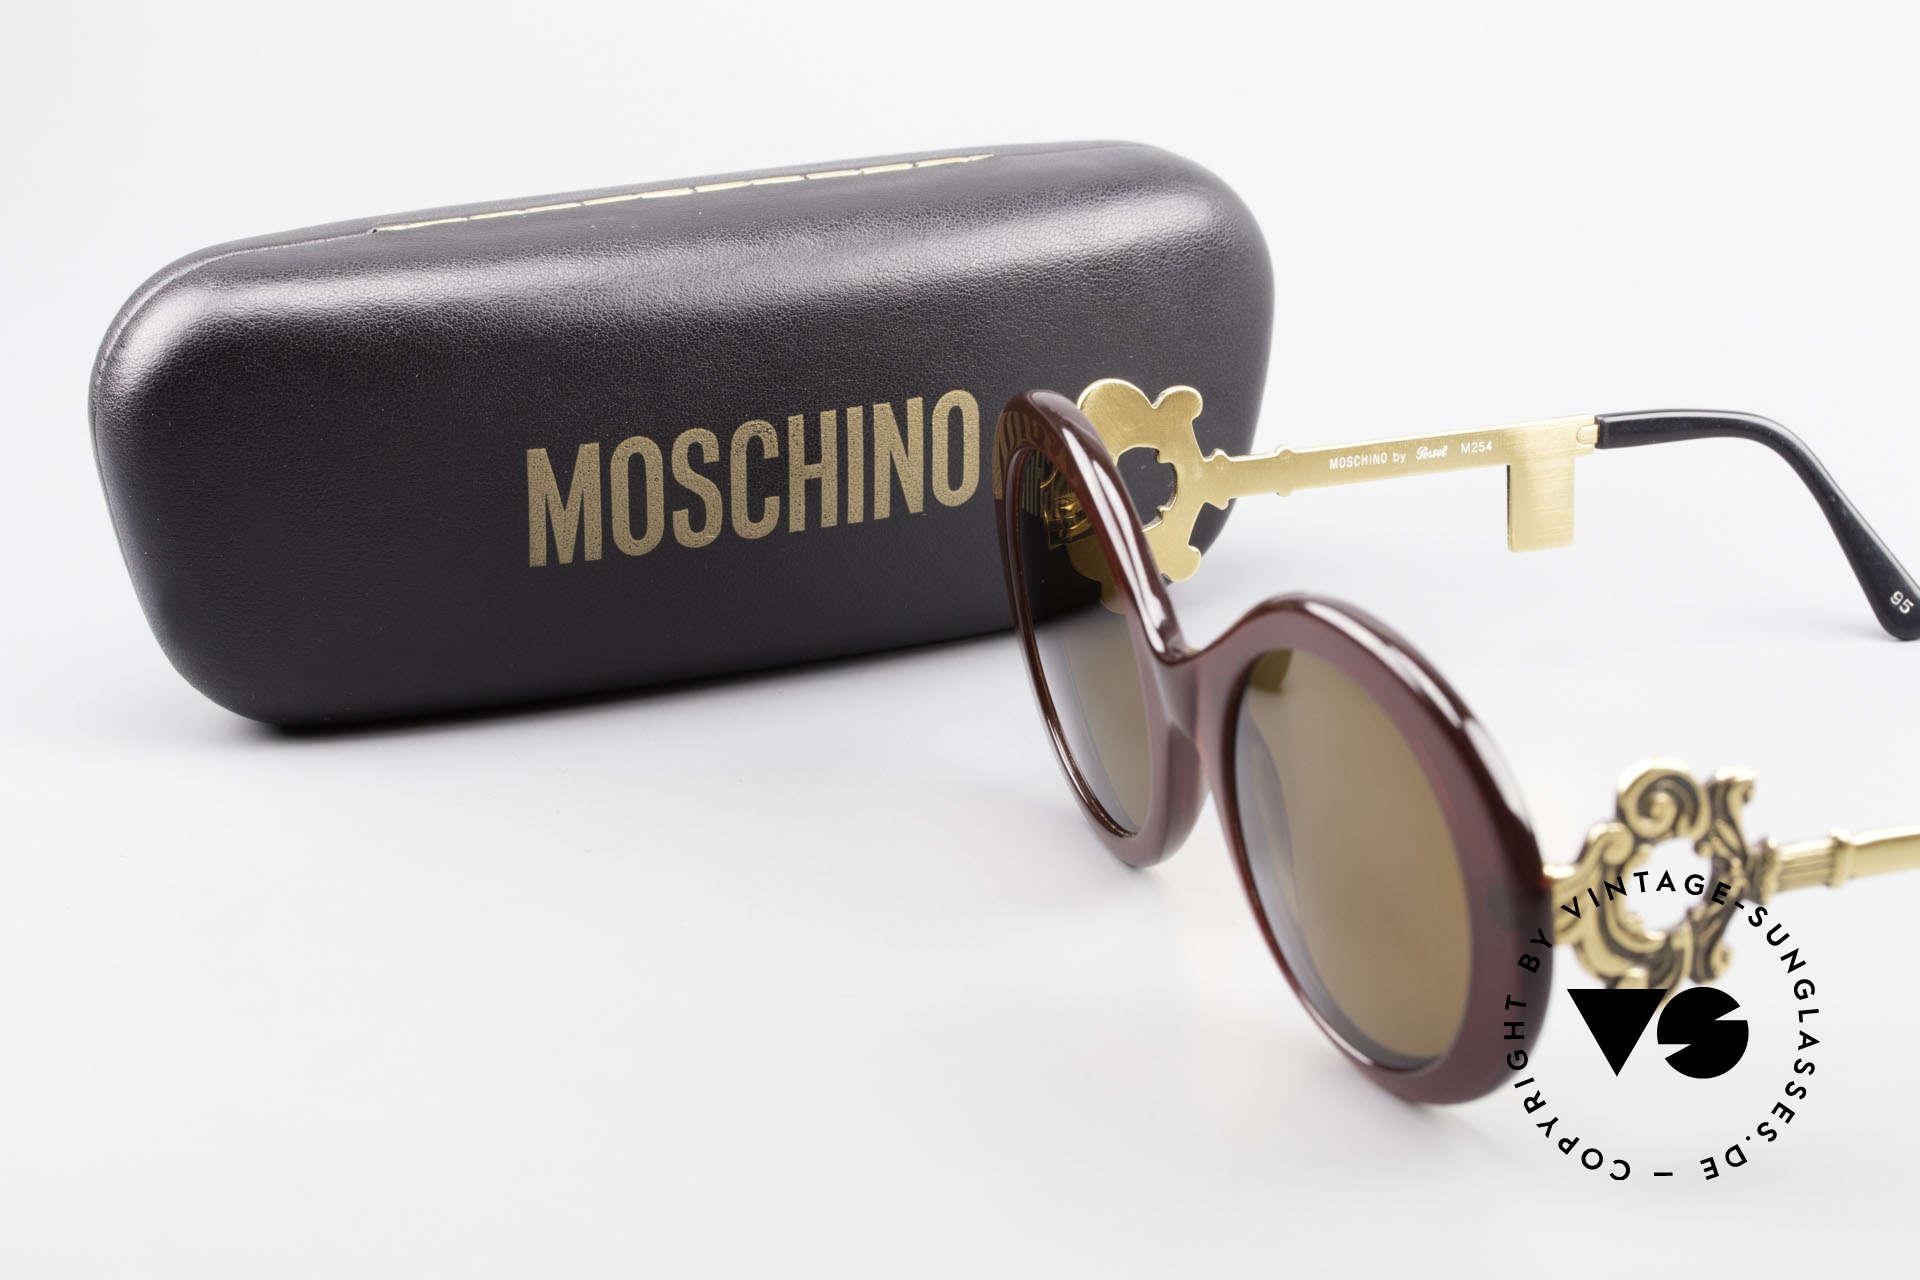 Moschino M254 Antique Key Sunglasses Rare, Size: medium, Made for Women